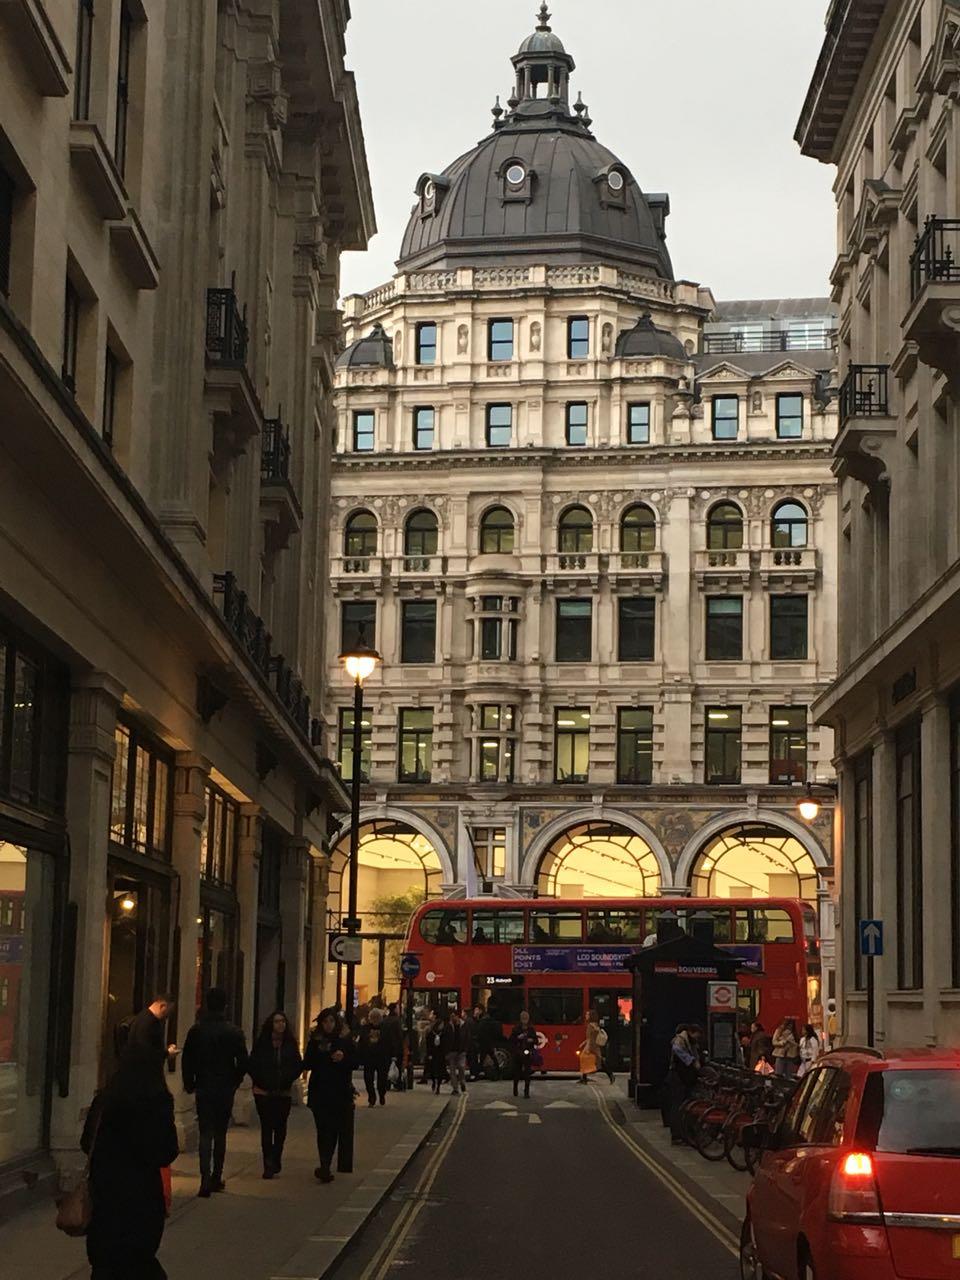 london tipps Sehenswürdigkeiten städtereise kurztrip sightseeing London geheimtipps must see london street